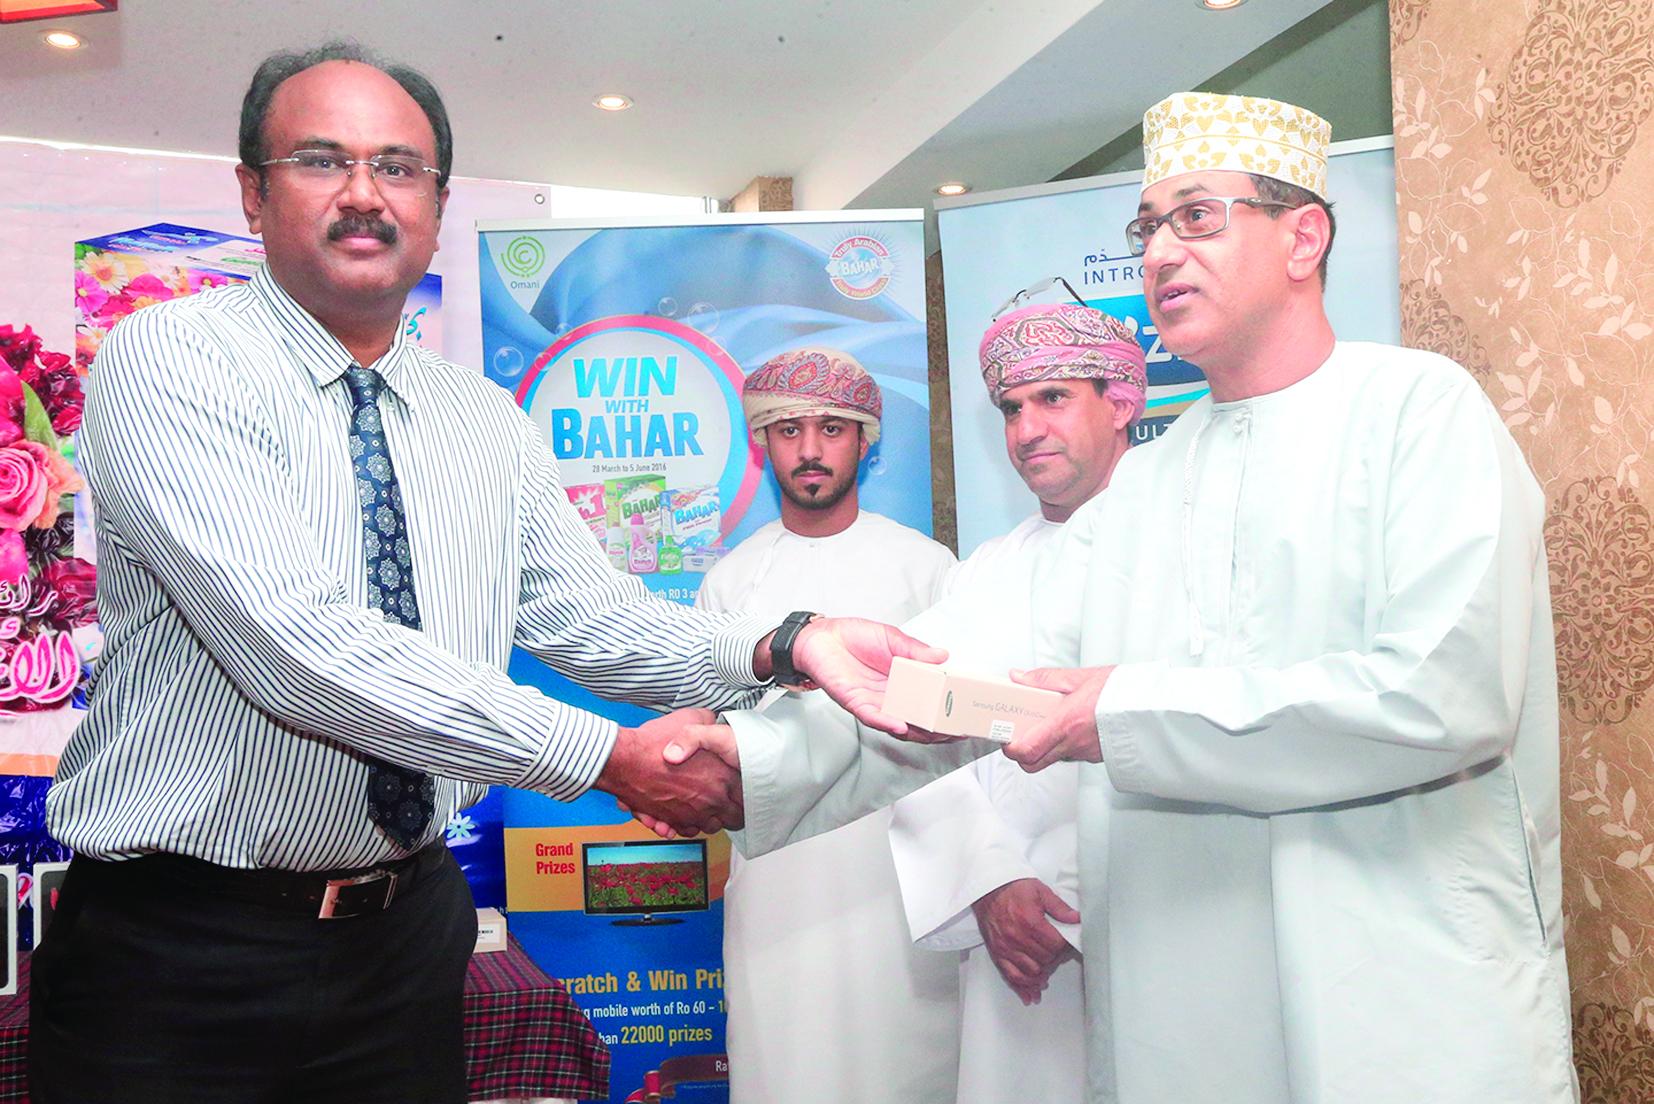 الوطنية للمنظفات الصناعية توزع جوائز عرض «اربح مع بحر»